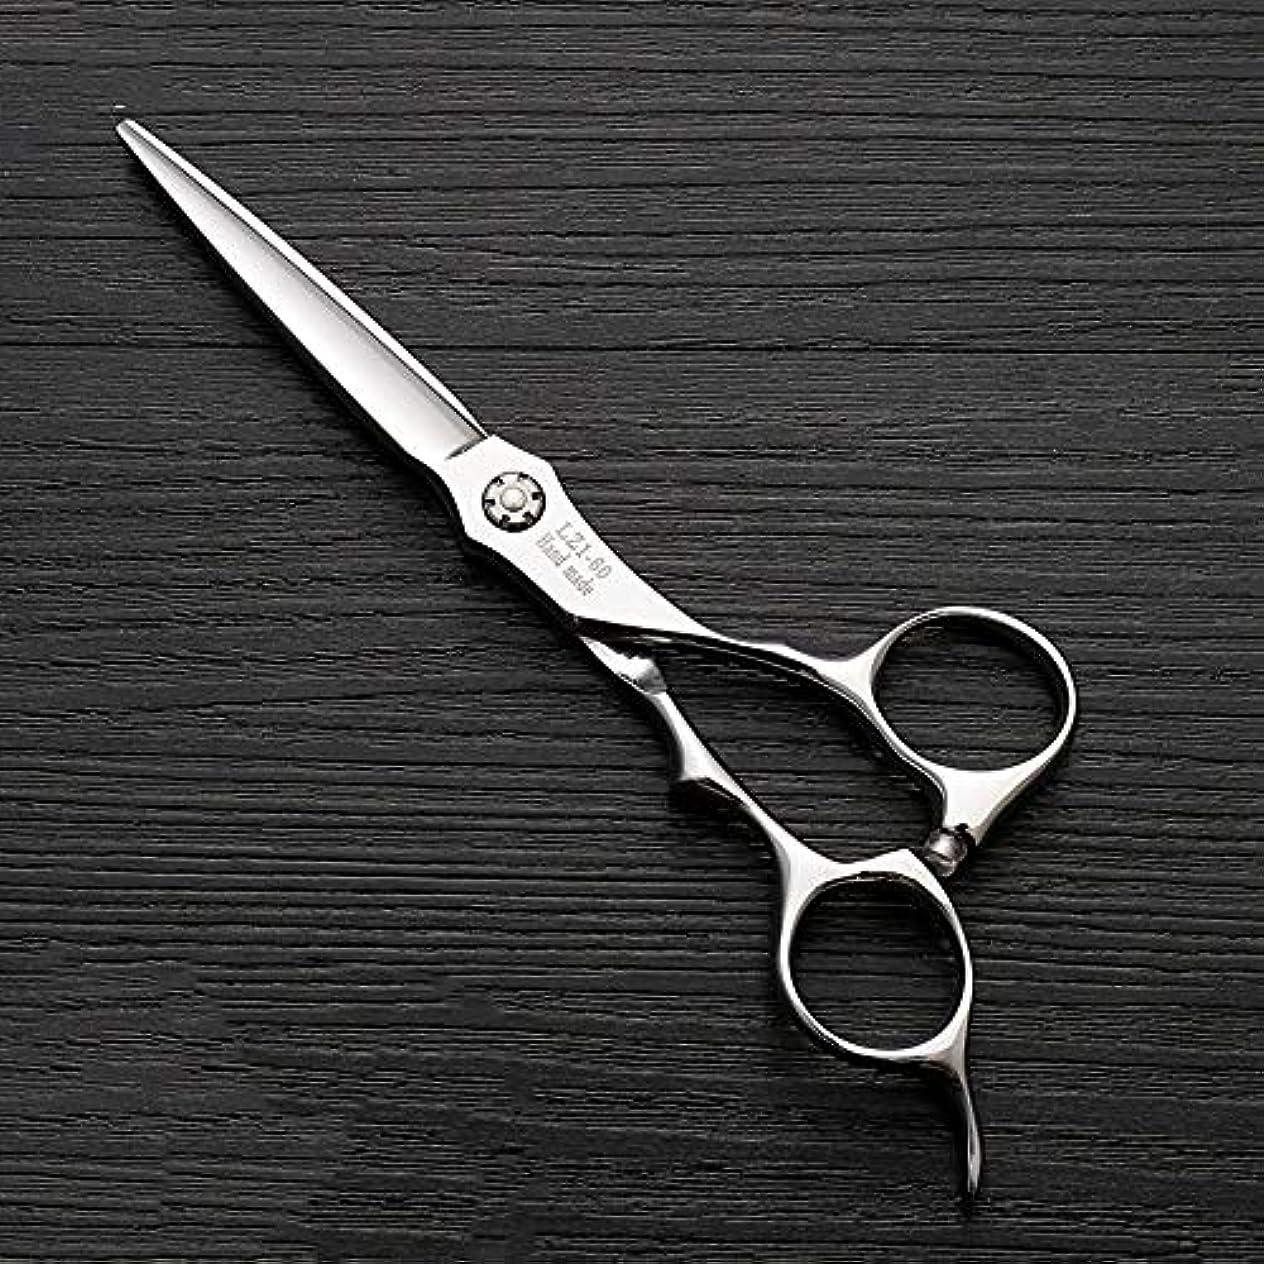 熟練したぴかぴか不振6インチハイエンド理髪師理髪用はさみ ヘアケア (色 : Silver)